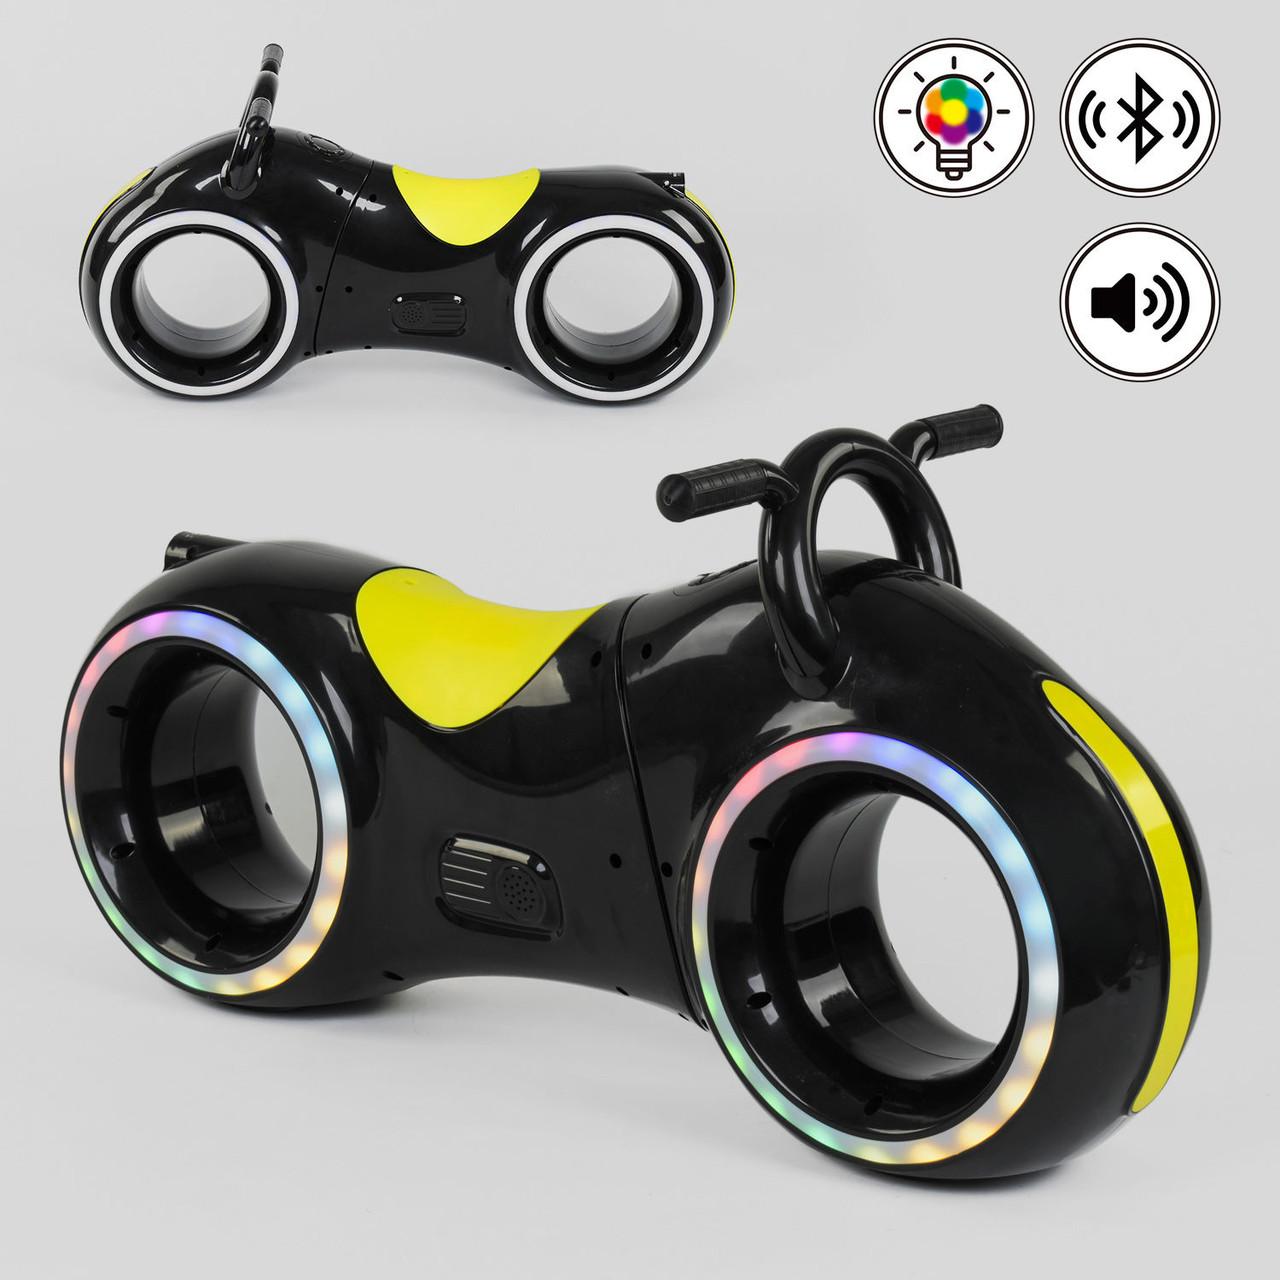 Каталка-толокар Т 1477 Cosmo-байк LED-подсветка Bluetooth Встроенные динамики Быстрая доставка